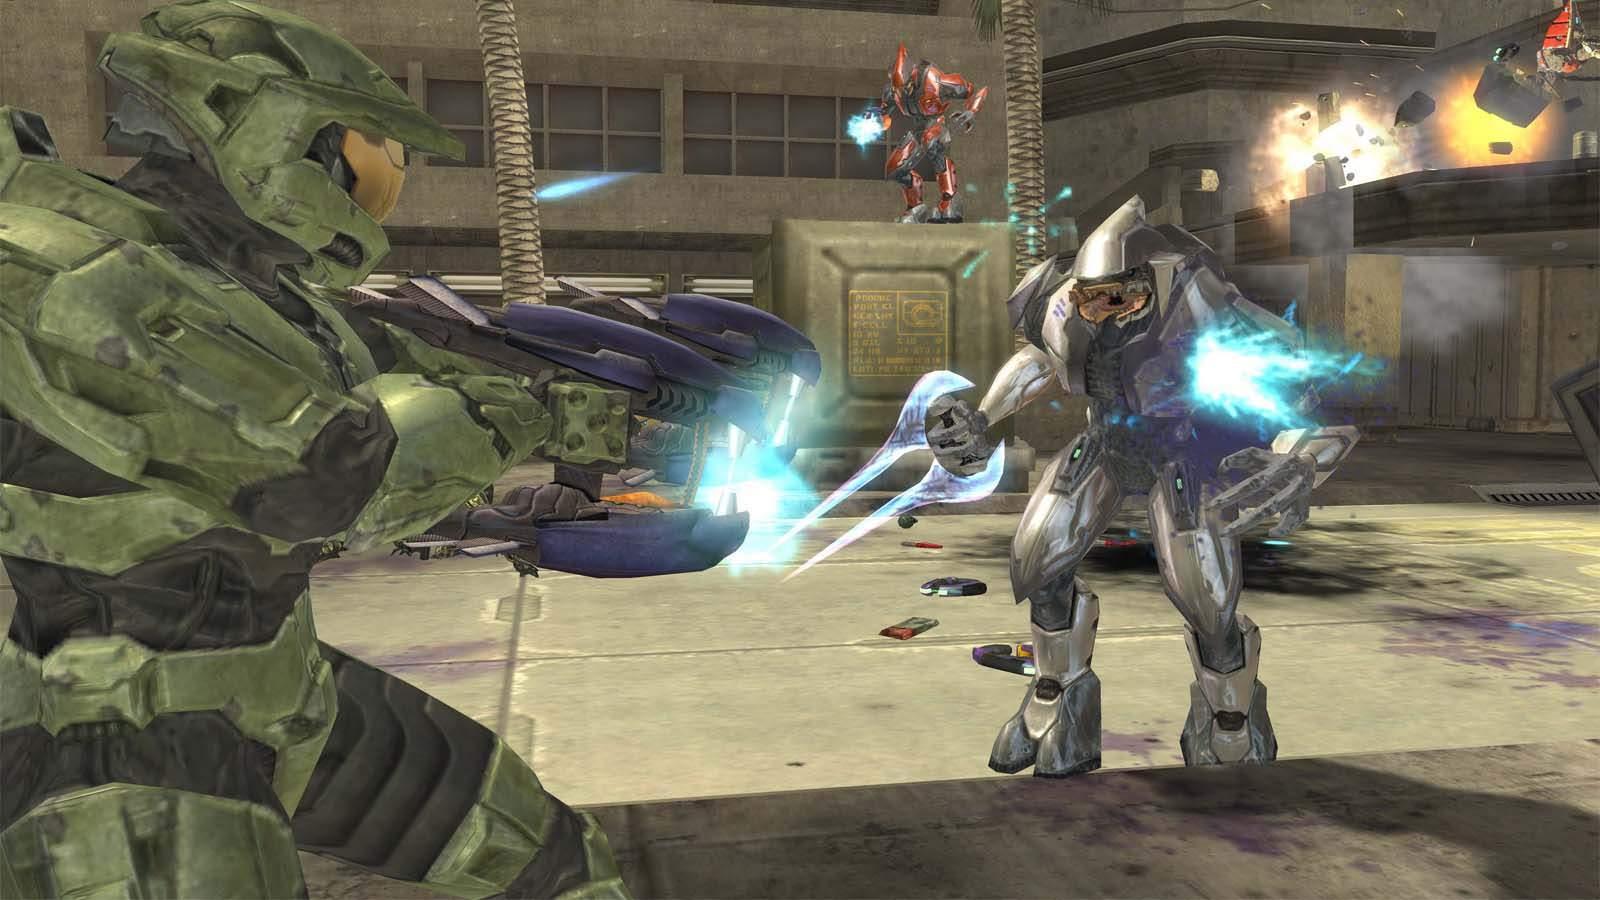 تحميل لعبة Halo 2 مضغوطة برابط واحد مباشر كاملة مجانا